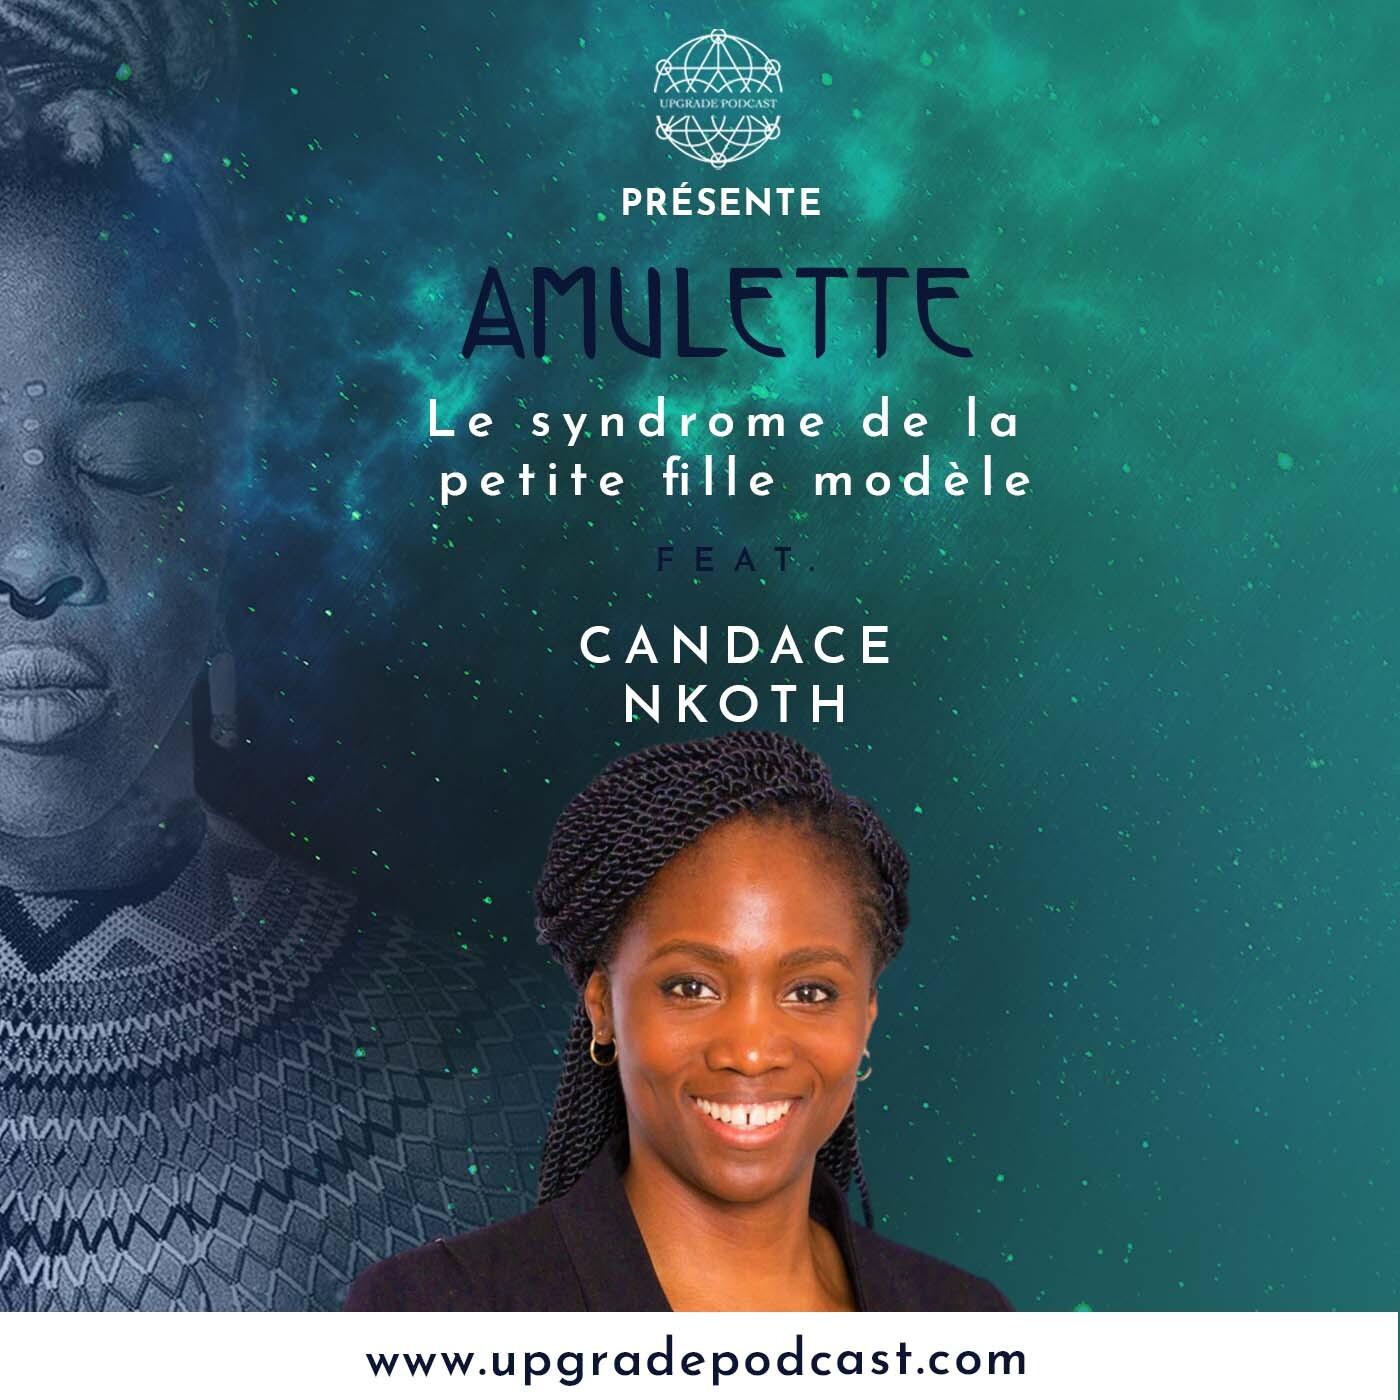 S2E06: Le syndrome de la petite fille modèle avec Candace Nkoth